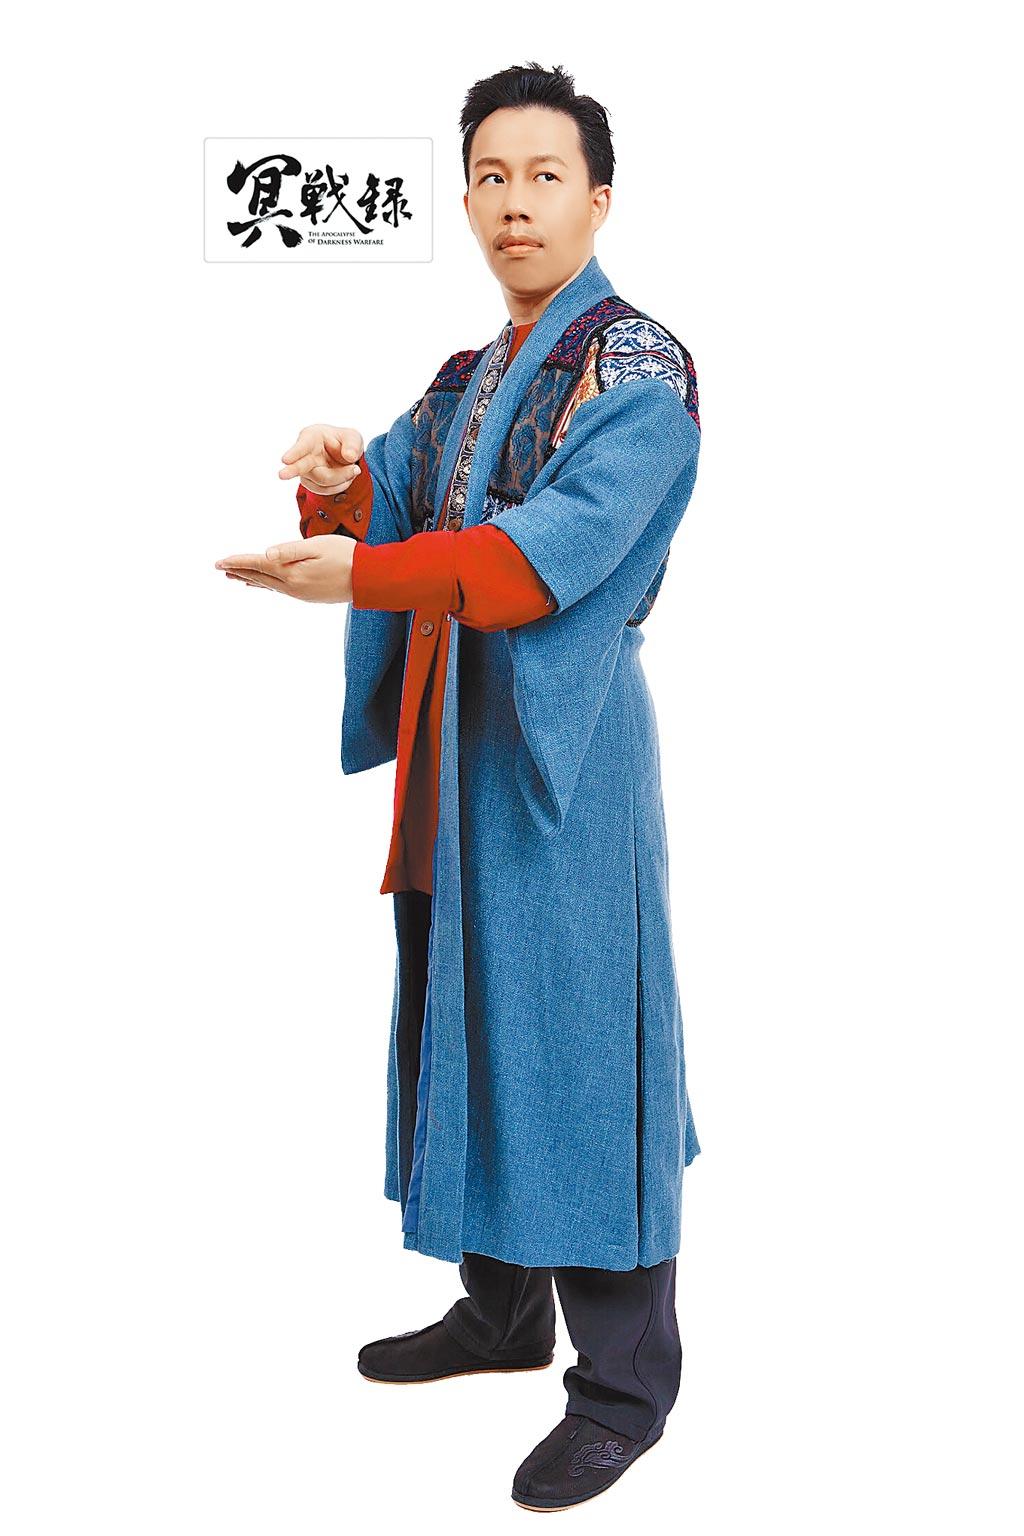 漫畫家韋宗成在《冥戰錄》裡飾演「七叔」一角,他表示,這個角色既是漫畫裡擅長茅山道術的道士,同時是他自己。(明華園戲劇總團提供)